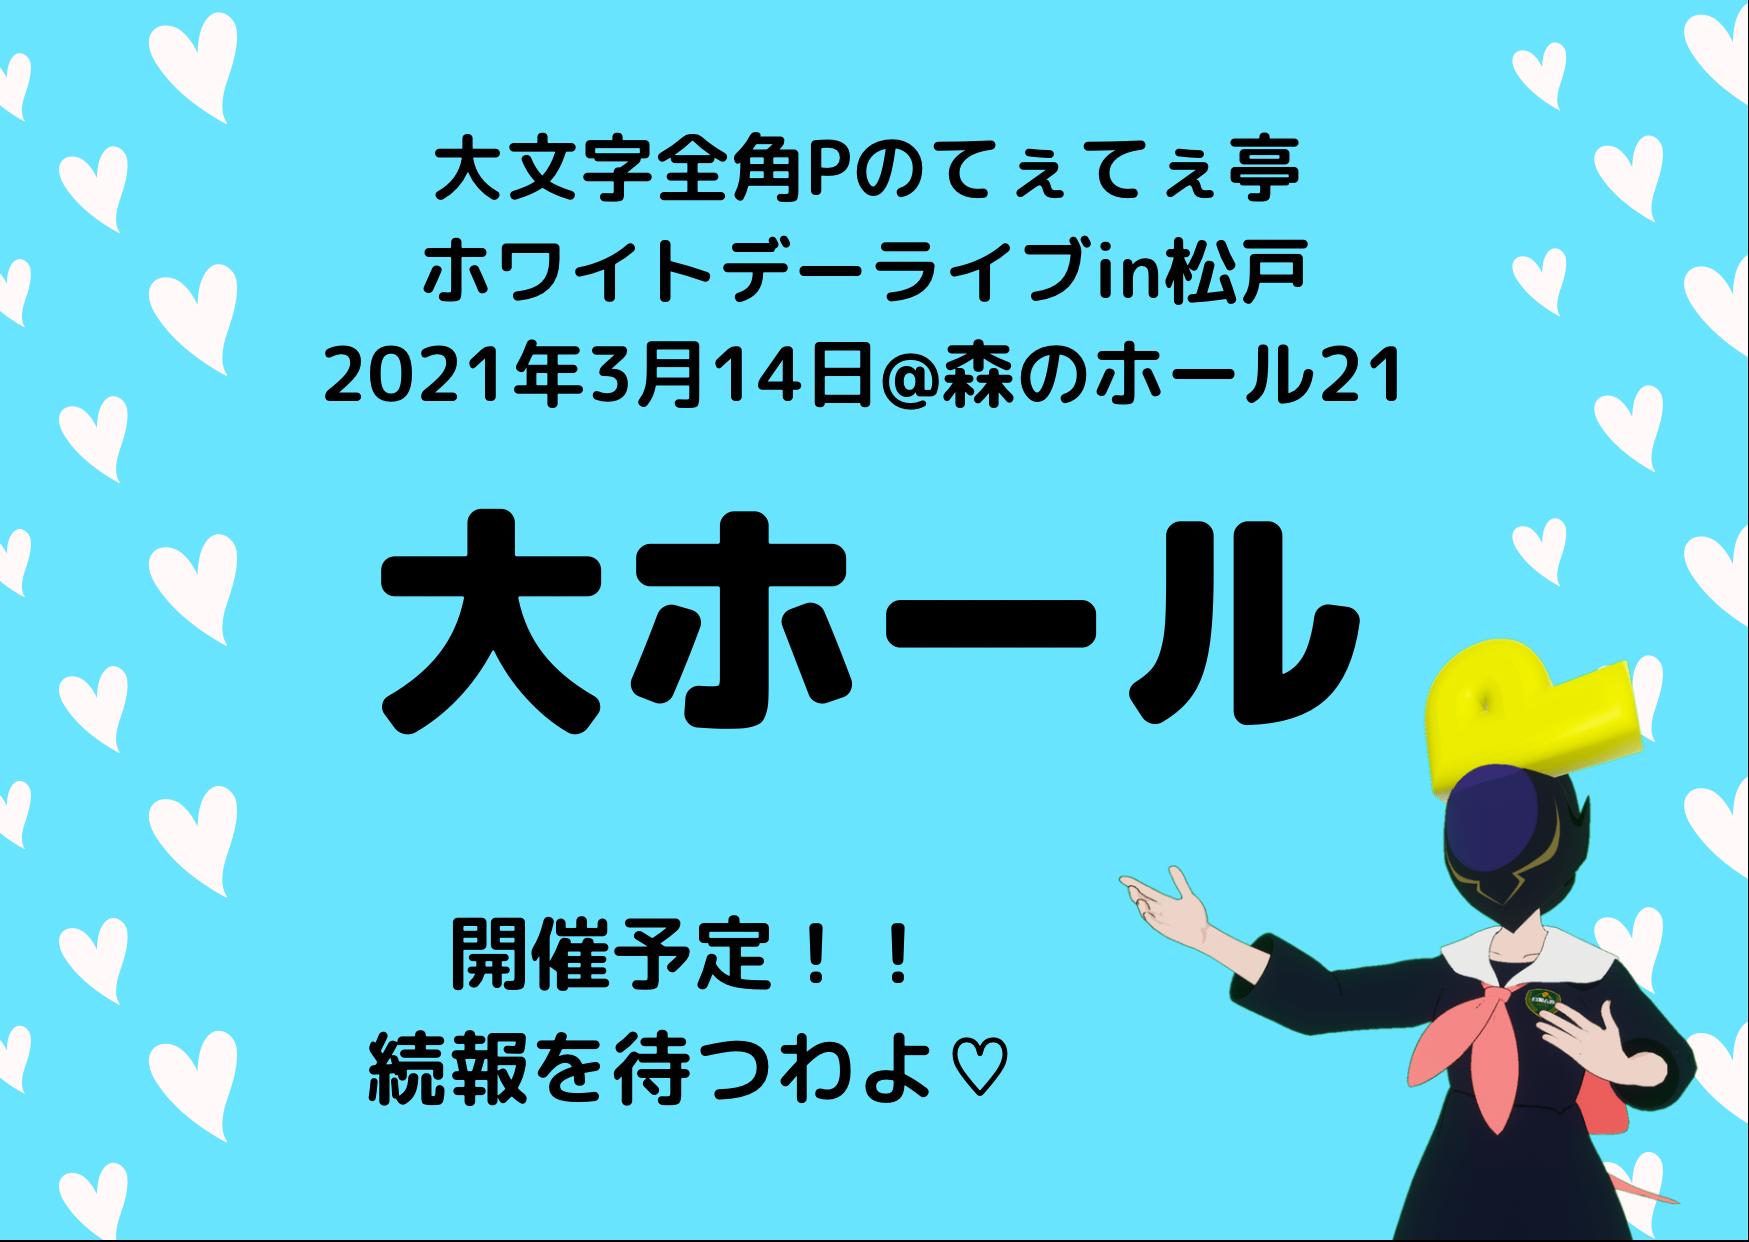 【大文字全角Pのてぇてぇ亭公開収録in松戸#2】(仮)